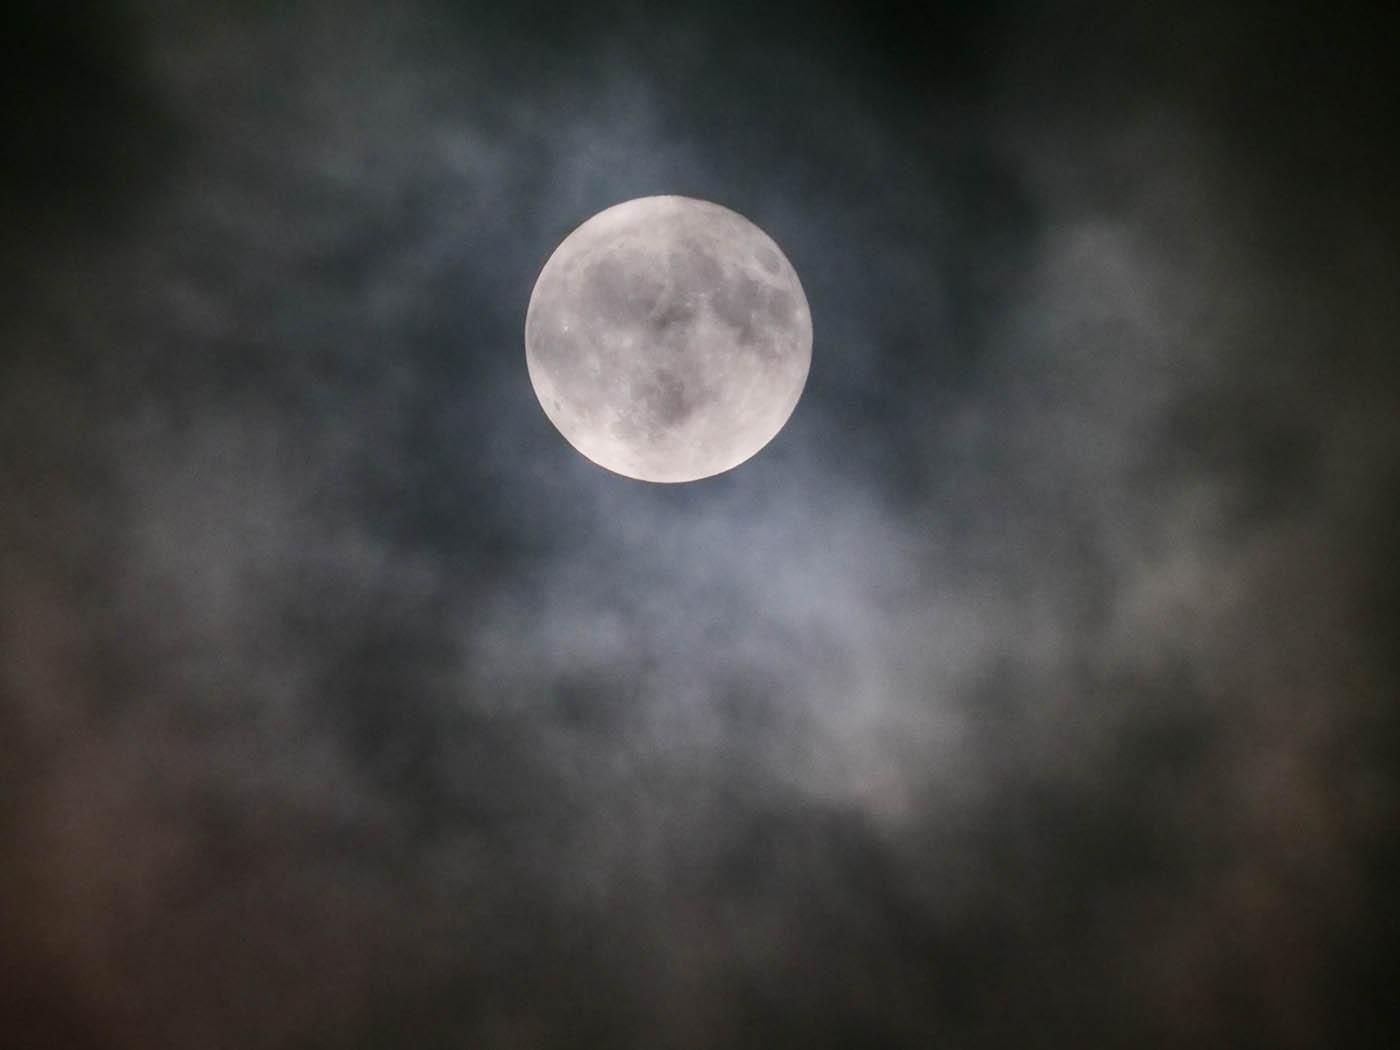 Photo de nuit de la Lune prise avec le télé-objectif micro 4/3 Leica